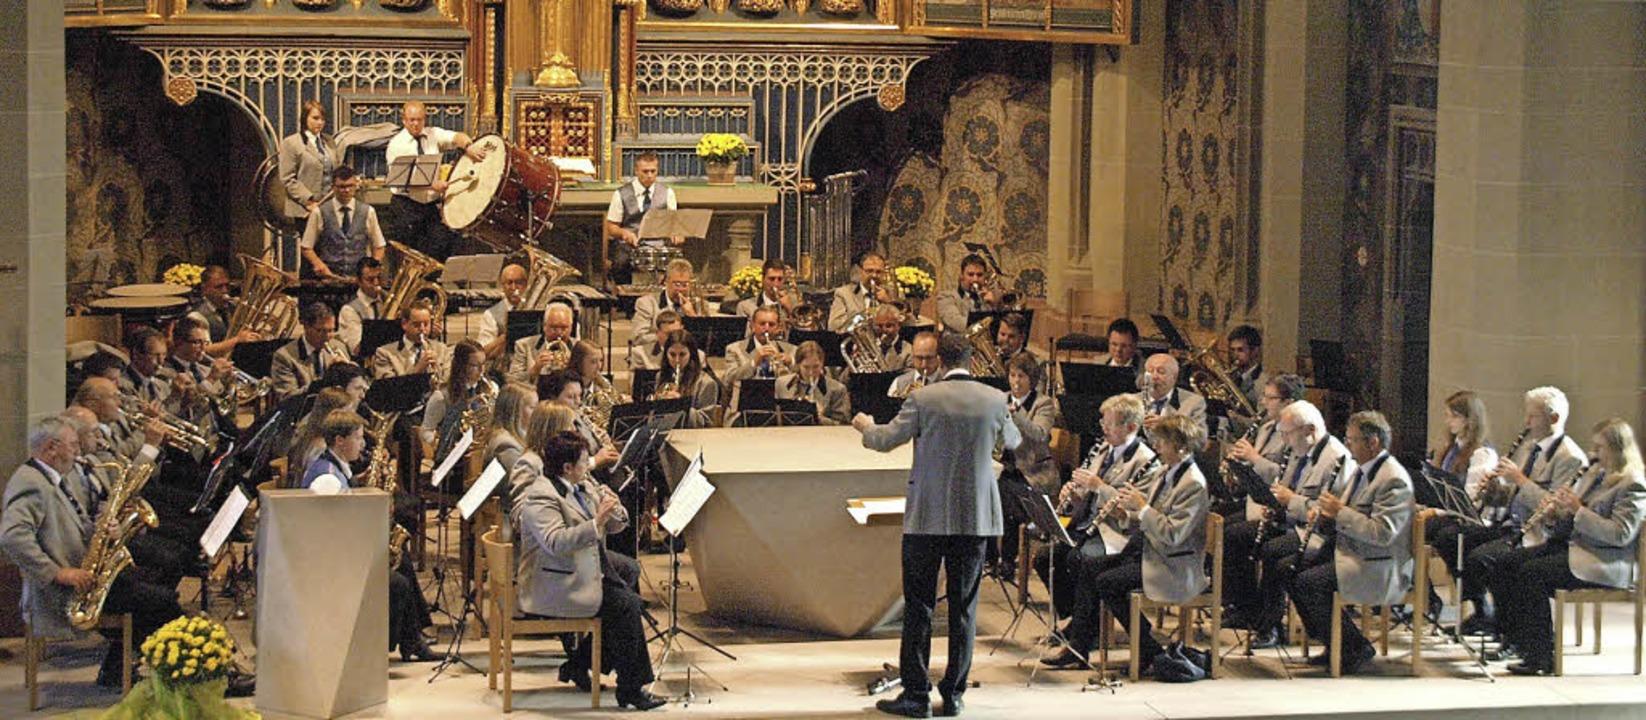 Vor vollen Bankreihen spielten die Sta...ert im Münster St. Jakobus in Neustadt  | Foto: Karin Stöckl-Steinebrunner